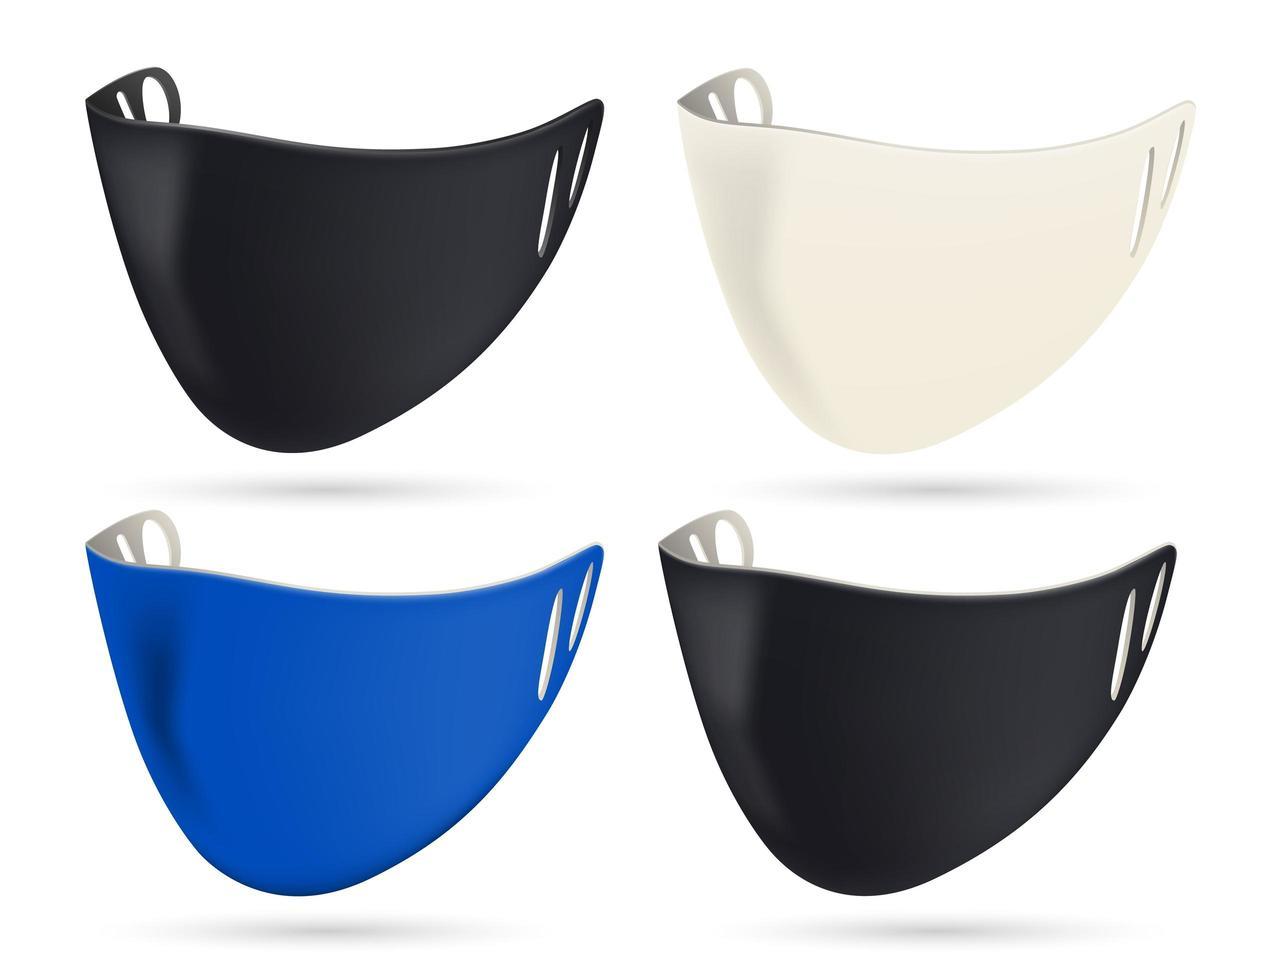 zwart, wit en blauw beschermend gezichtsmasker set vector